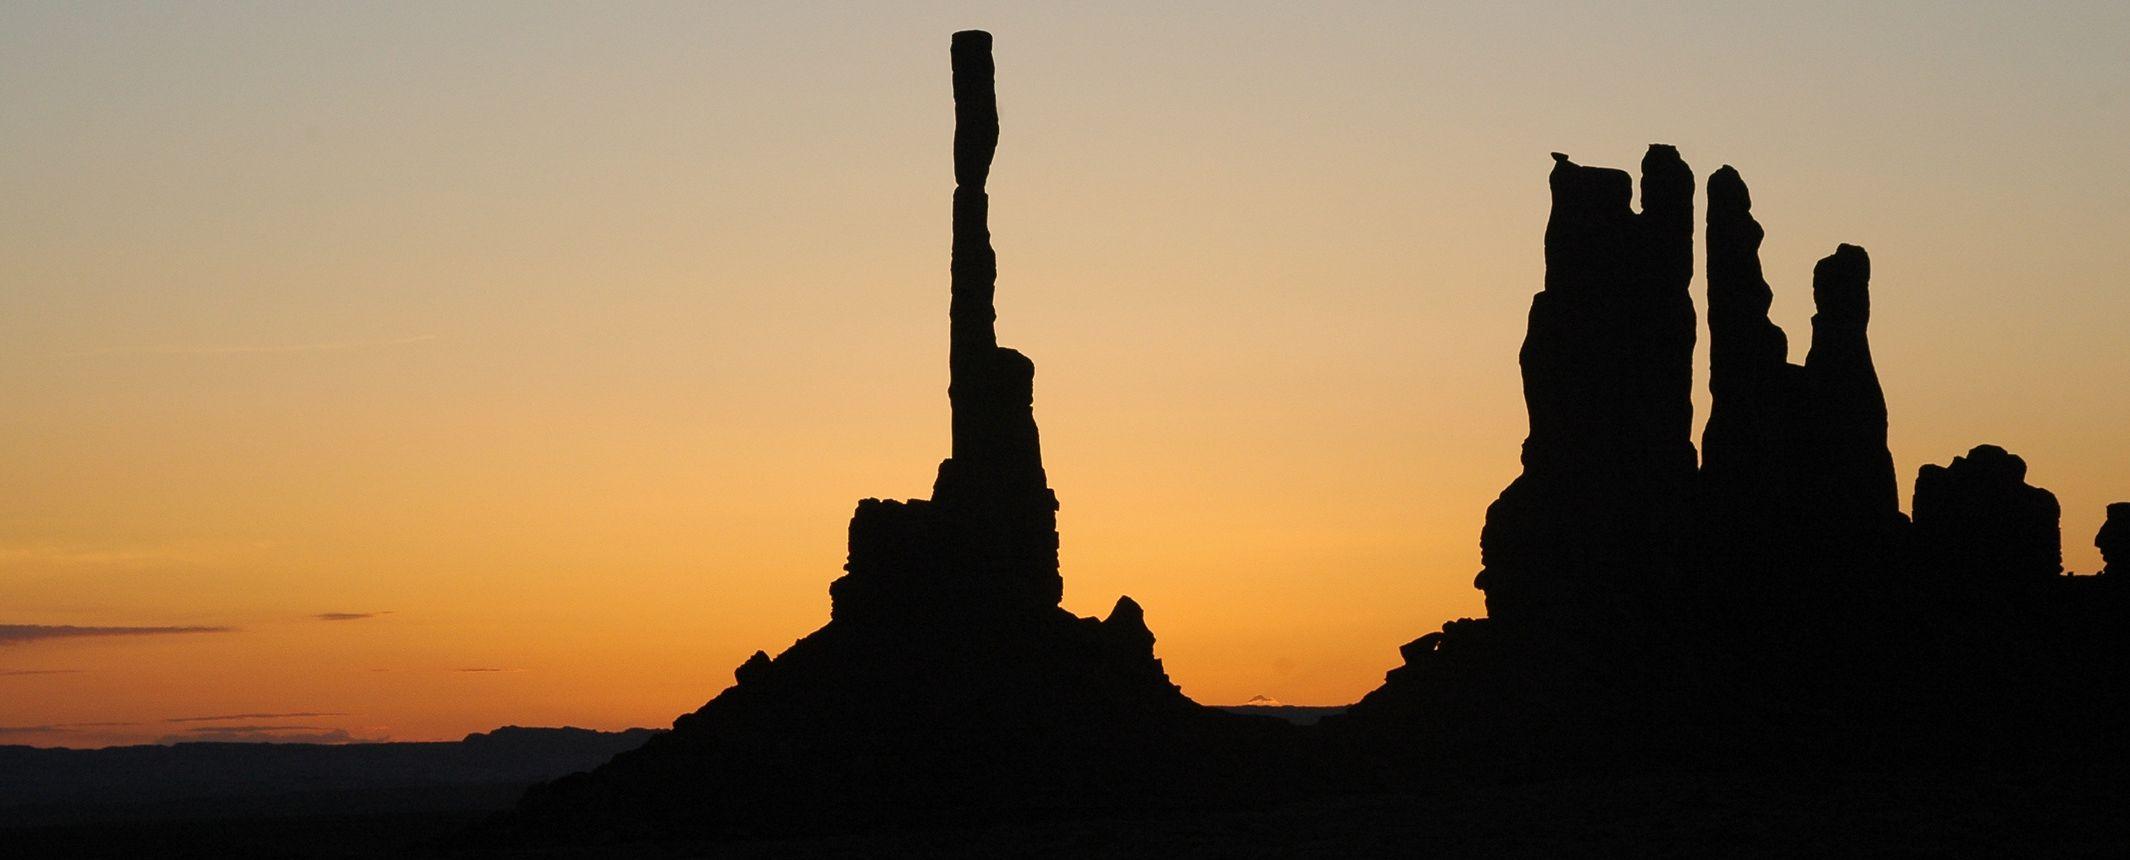 Estados Unidos -  Imágenes del salvaje oeste - Ruta fotográfica con caminatas. Salida 10 OCT